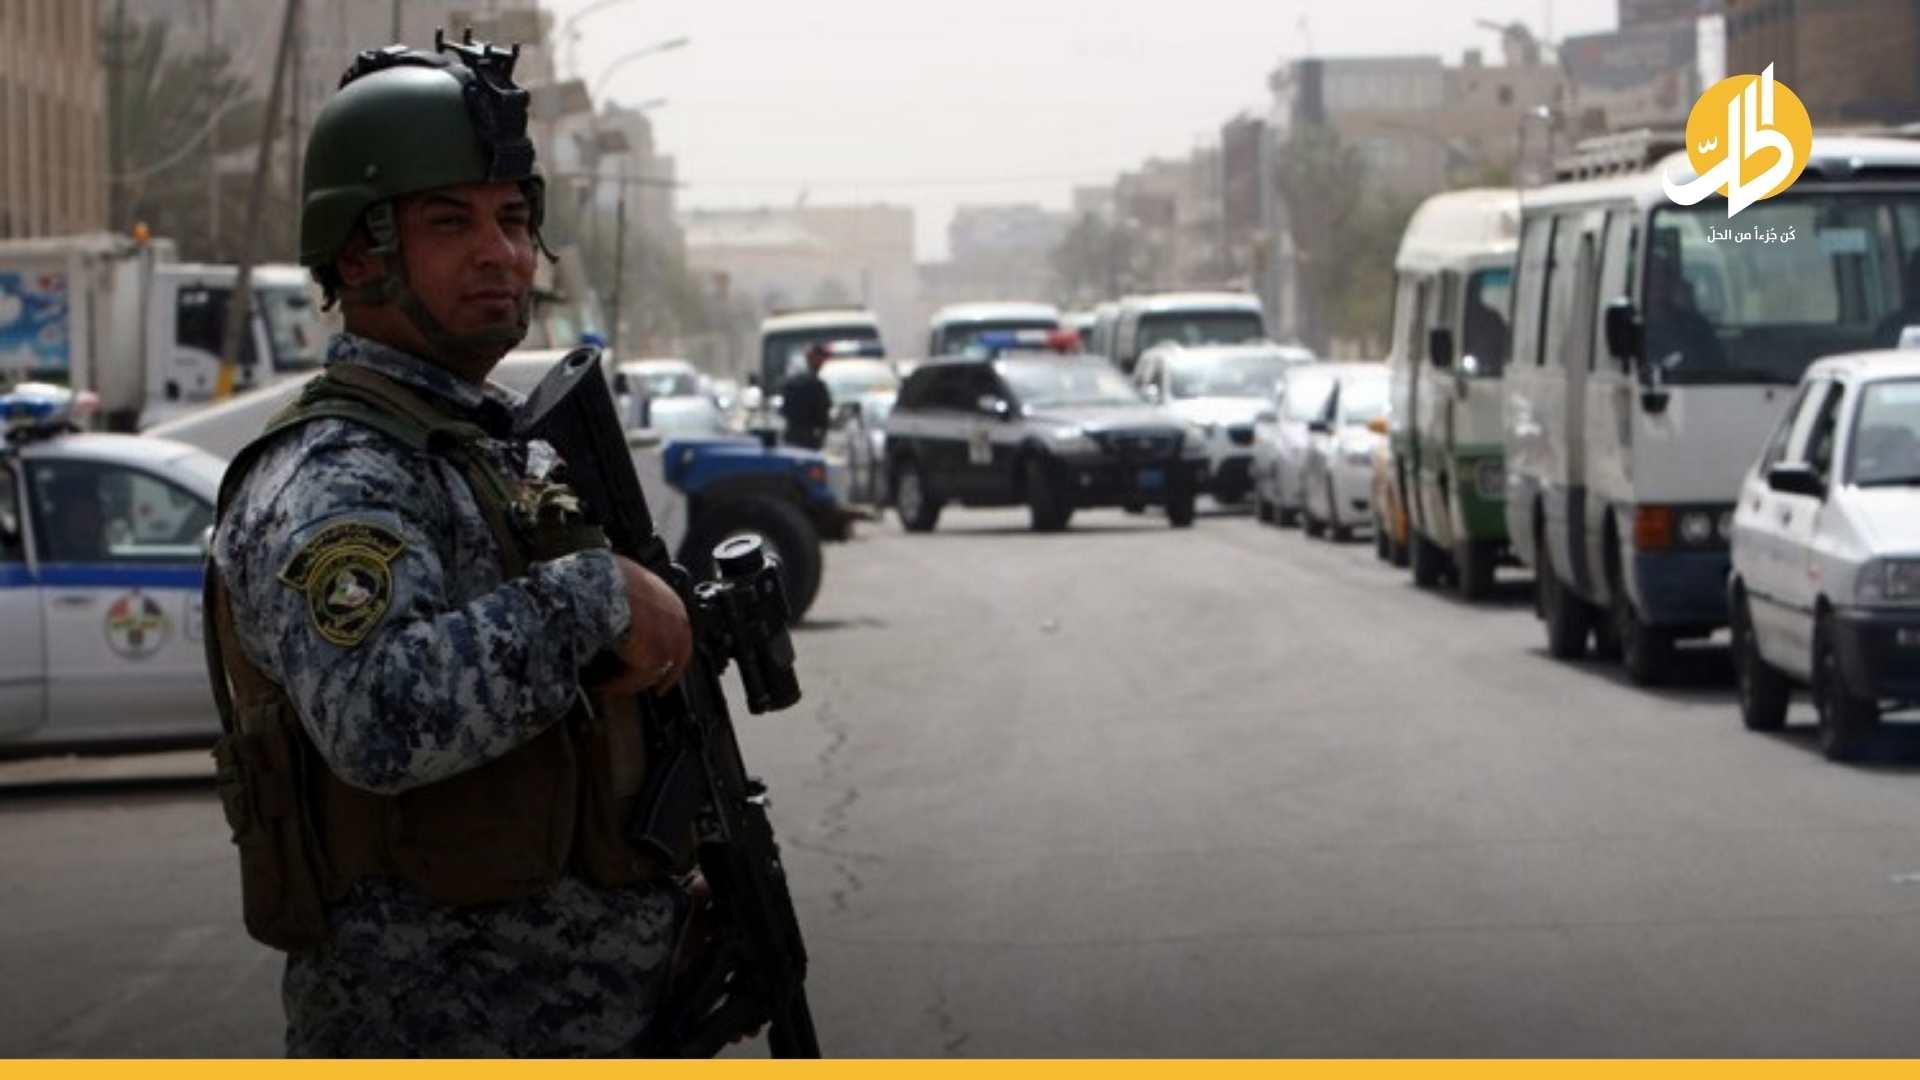 اختفاء مستثمر فرنسي من أصل إيراني شمال بغداد